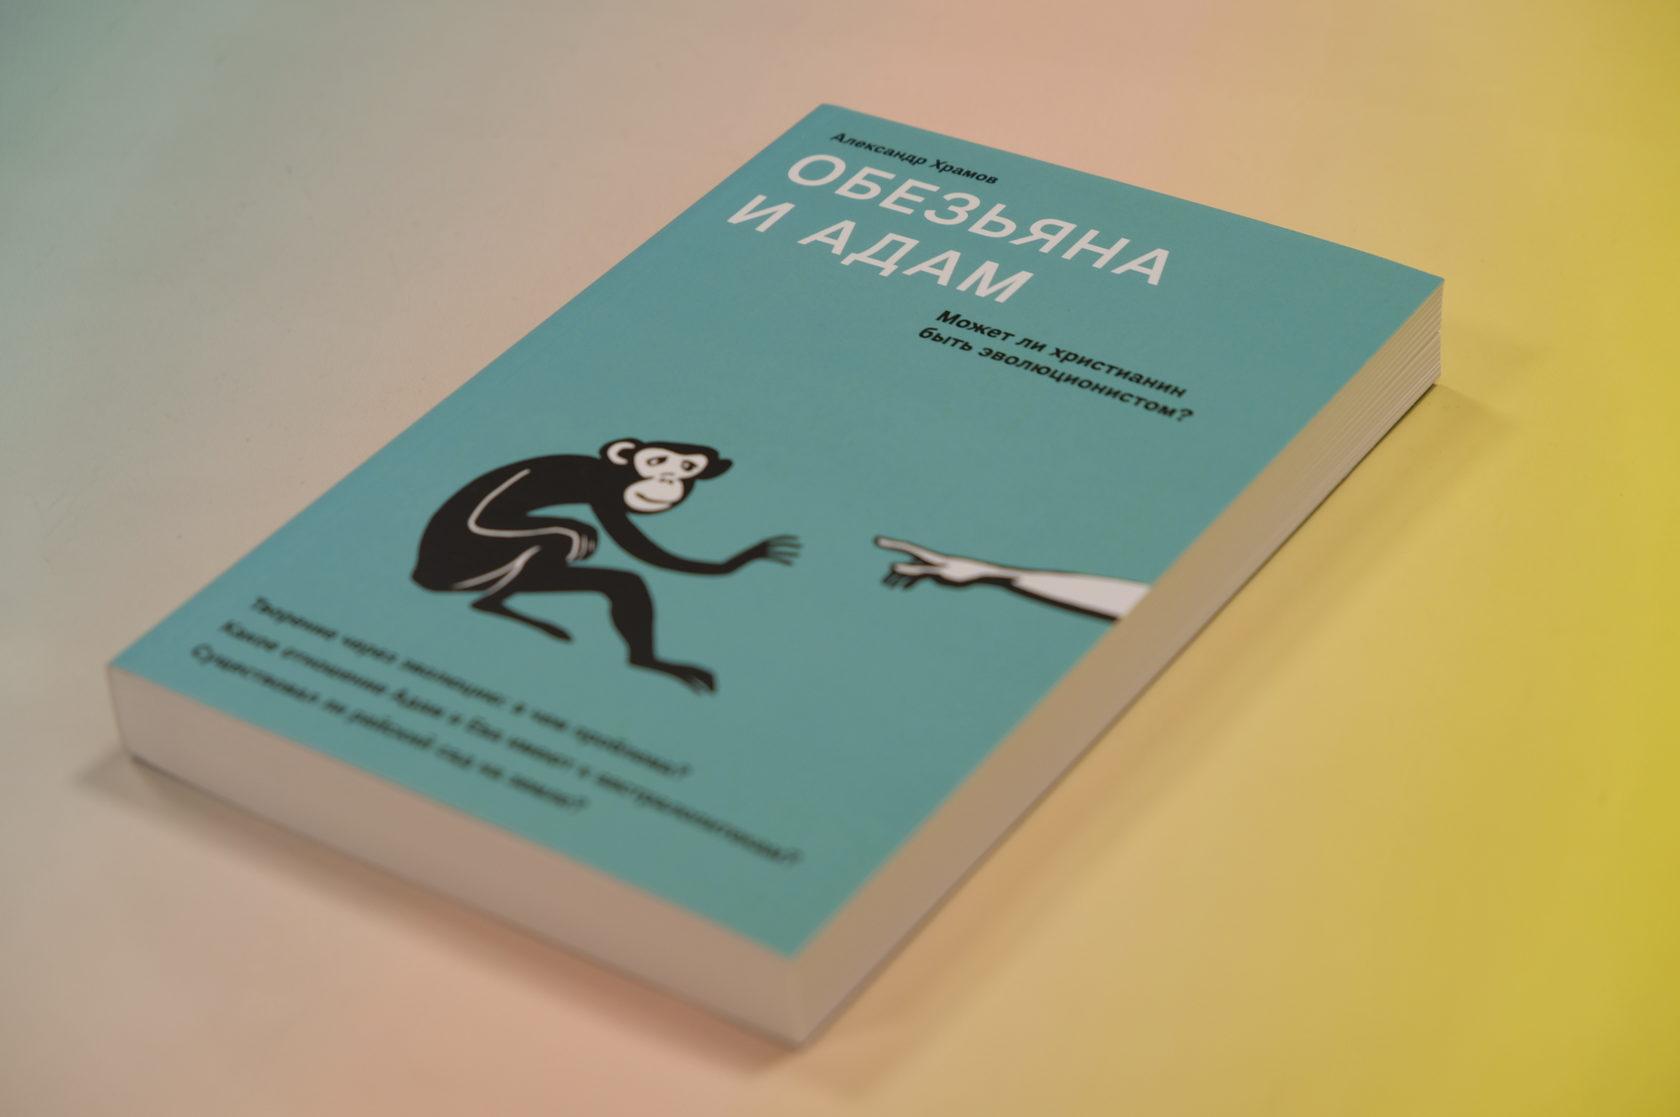 Александр Храмов «Обезьяна и Адам. Может ли христианин быть эволюционистом?» , 978-5-91761-902-6